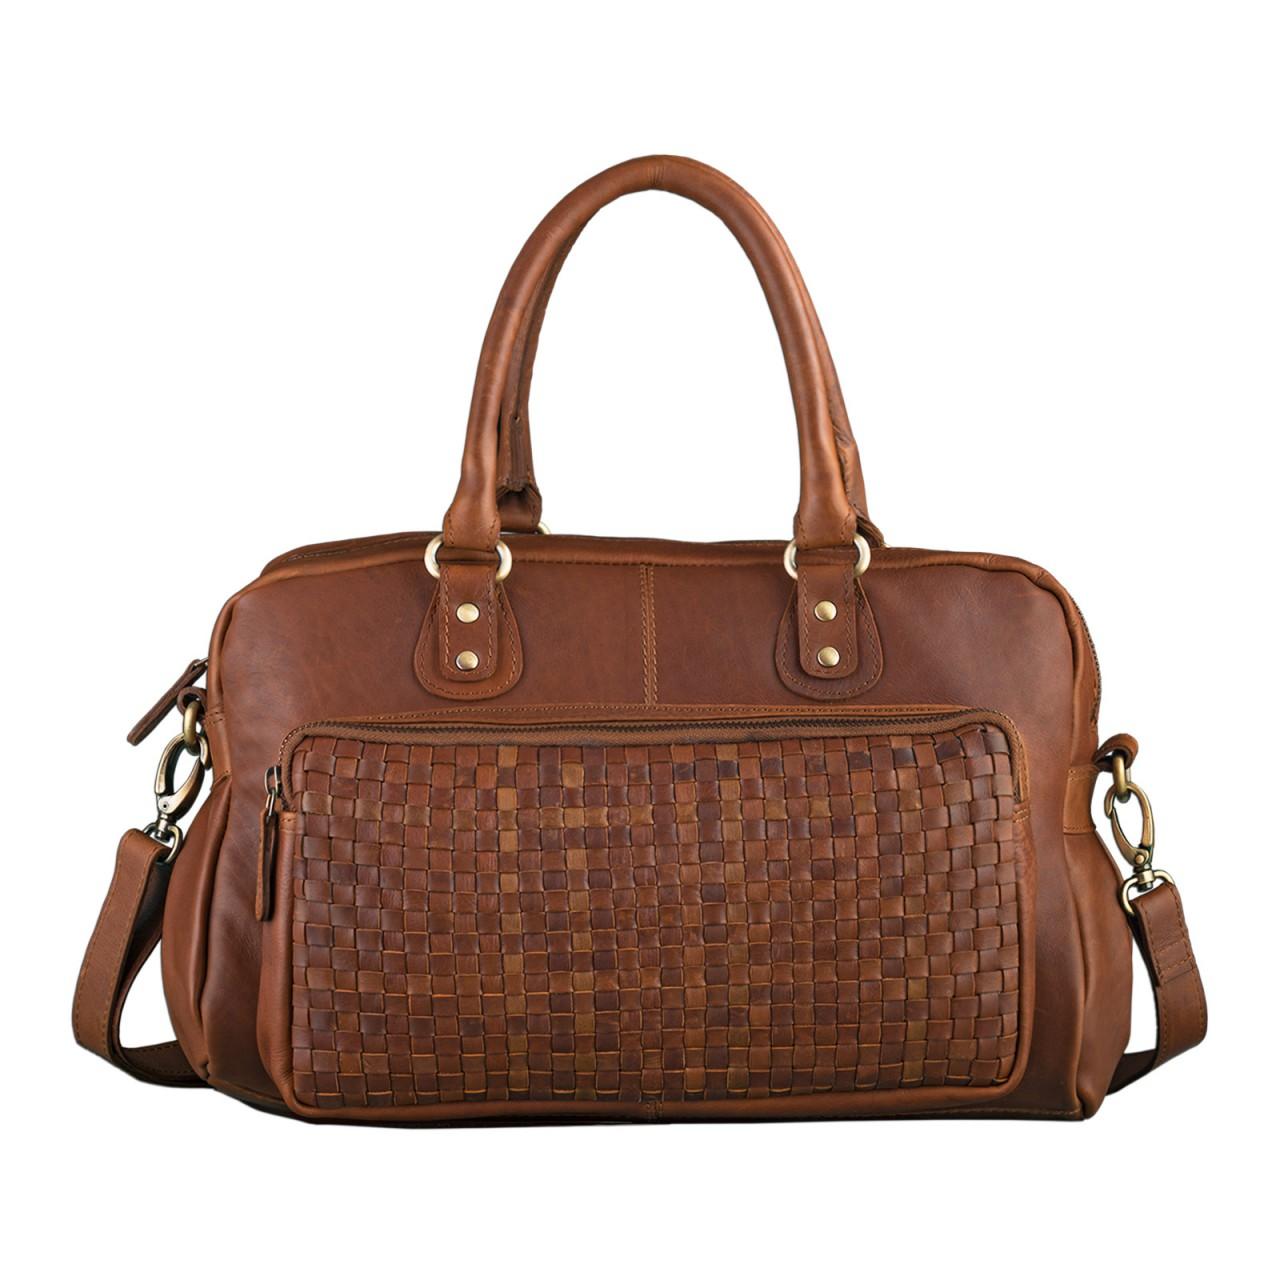 """STILORD """"Elena"""" Vintage Handtasche Damen Umhängetasche geflochten elegante Ledertasche Shopping Ausgehen weiches Leder - Bild 2"""